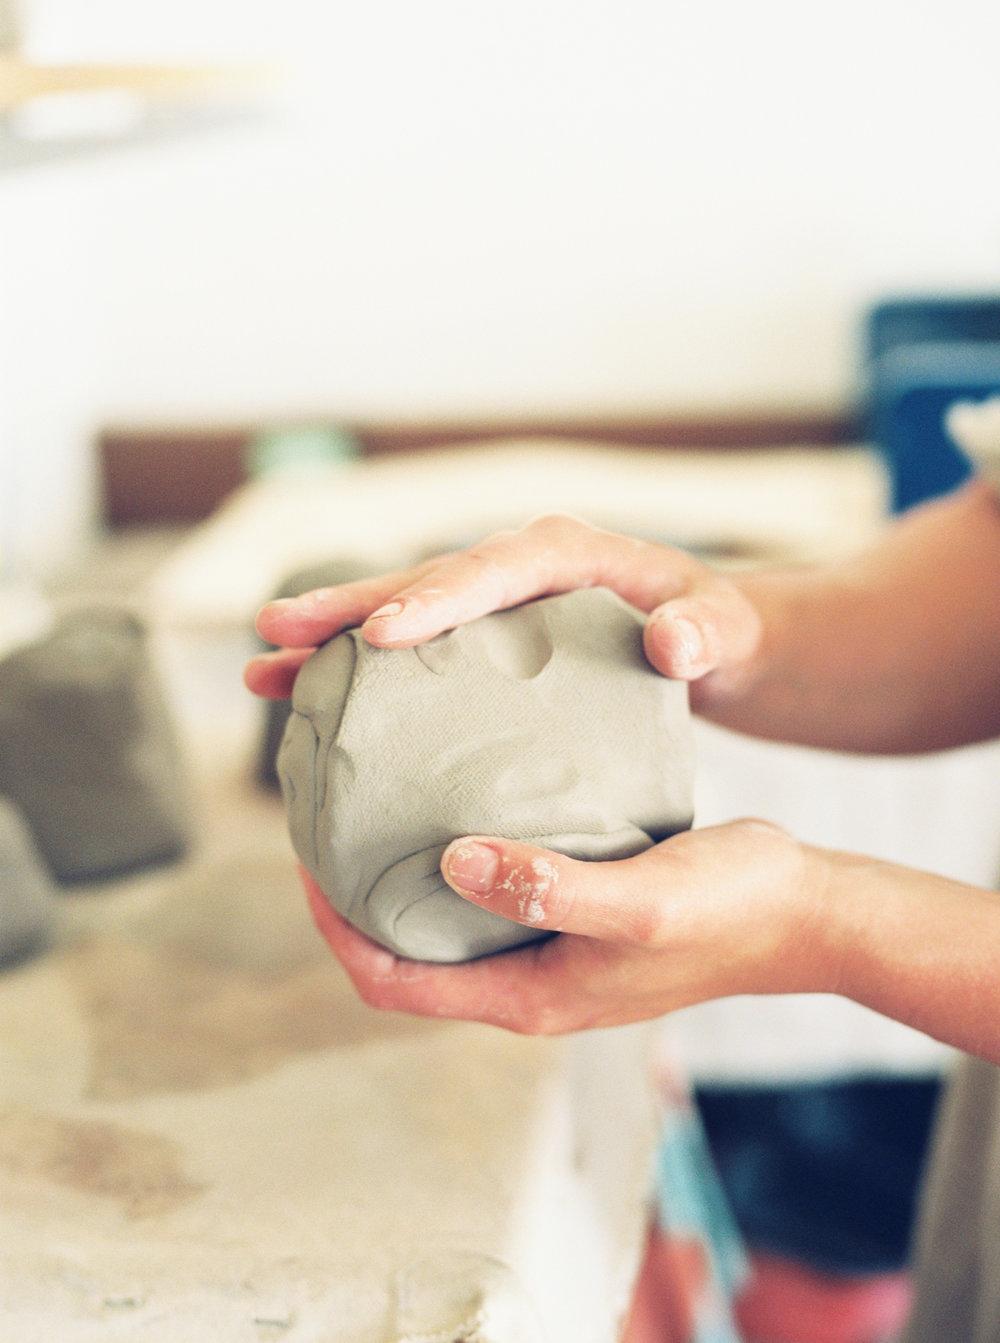 JENNI_KUPELIAN_pottery-29.JPG